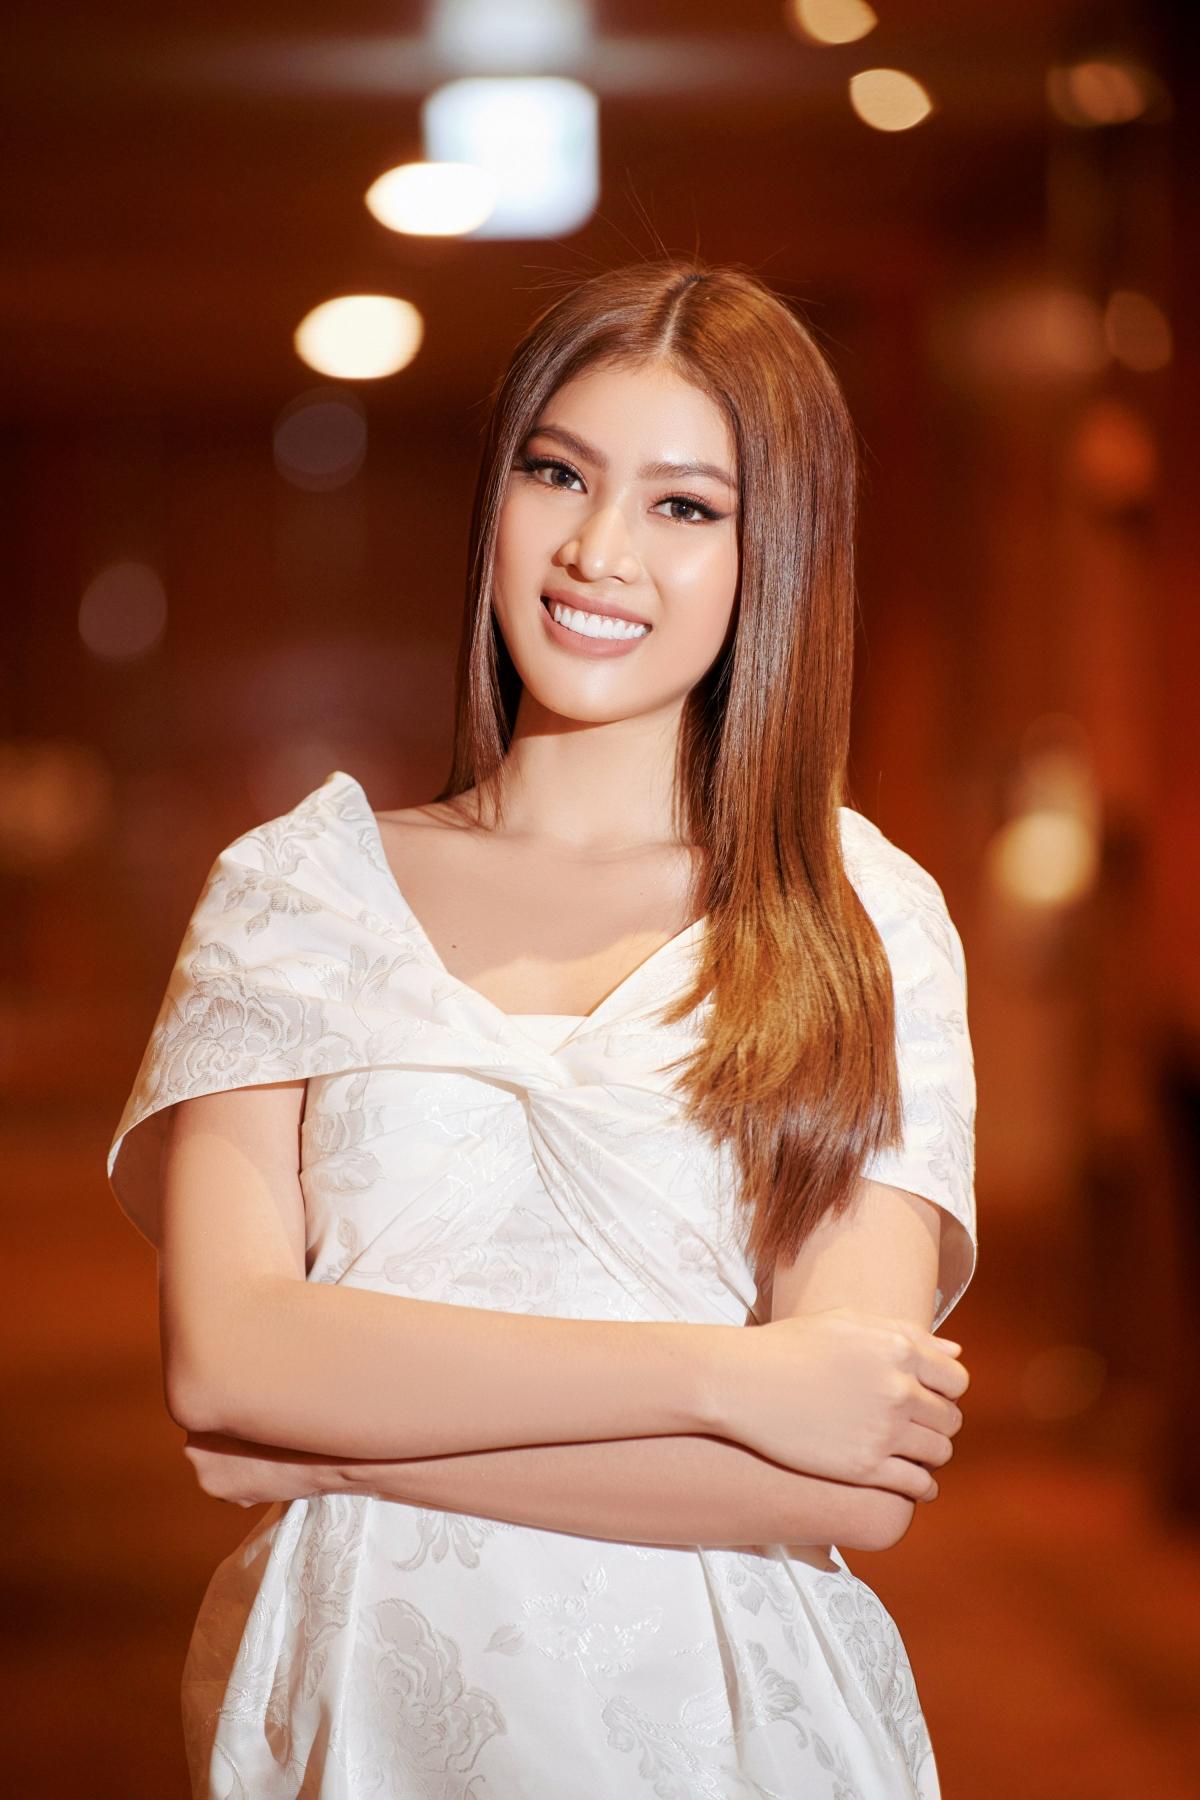 Sở hữu gương mặt và hình thể đẹp chuẩn quốc tế, Ngọc Thảo là lựa chọn sáng giá hàng đầu, được kỳ vọng trở thành đại diện Việt Nam tham dự cuộc thi Miss Grand International 2021.